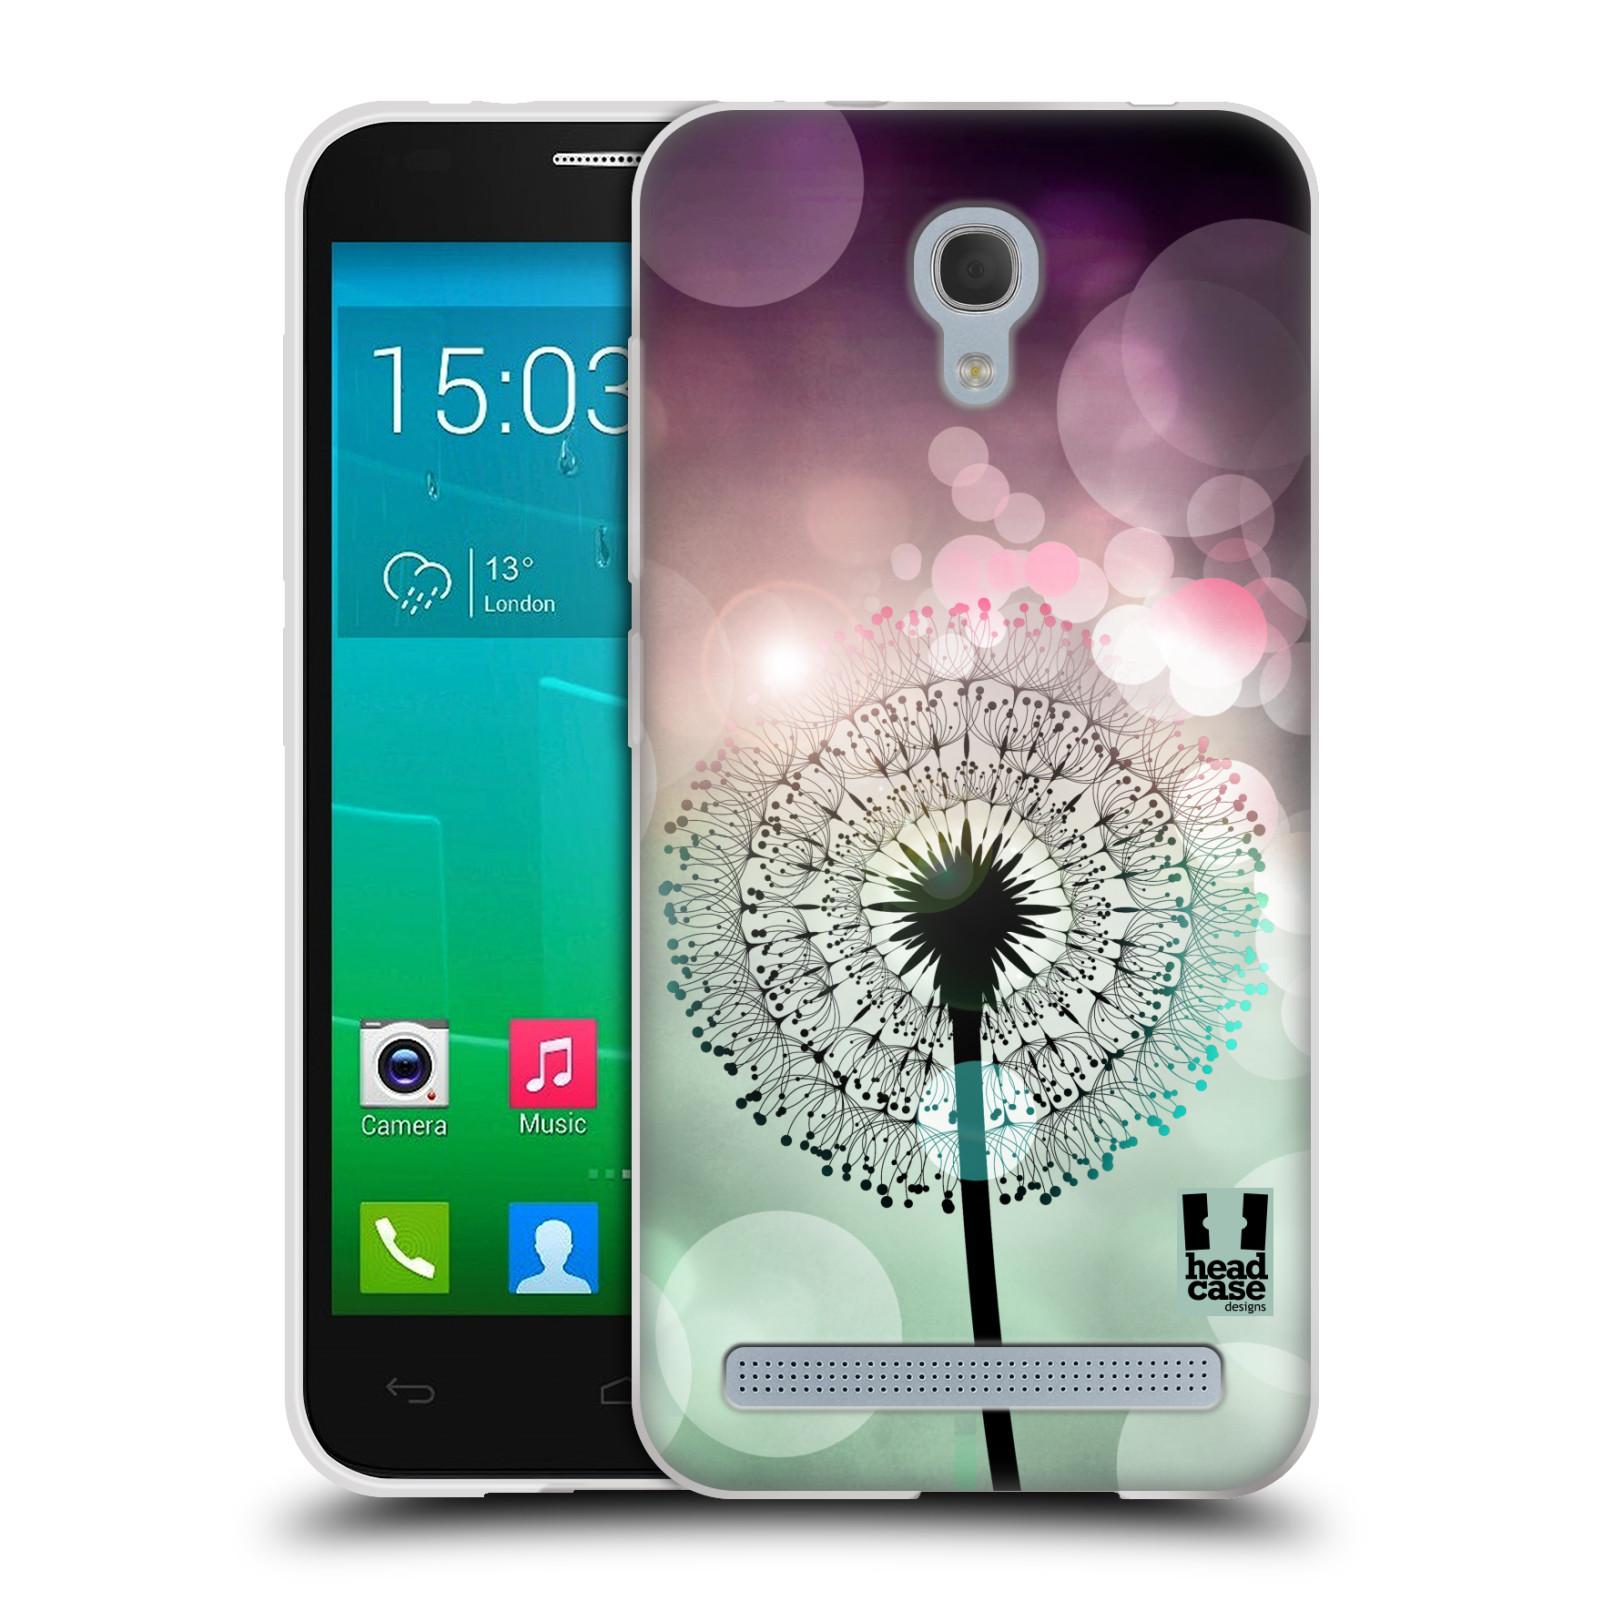 Silikonové pouzdro na mobil Alcatel One Touch Idol 2 Mini S 6036Y HEAD CASE Pampeliškové odlesky (Silikonový kryt či obal na mobilní telefon Alcatel Idol 2 Mini S OT-6036Y)